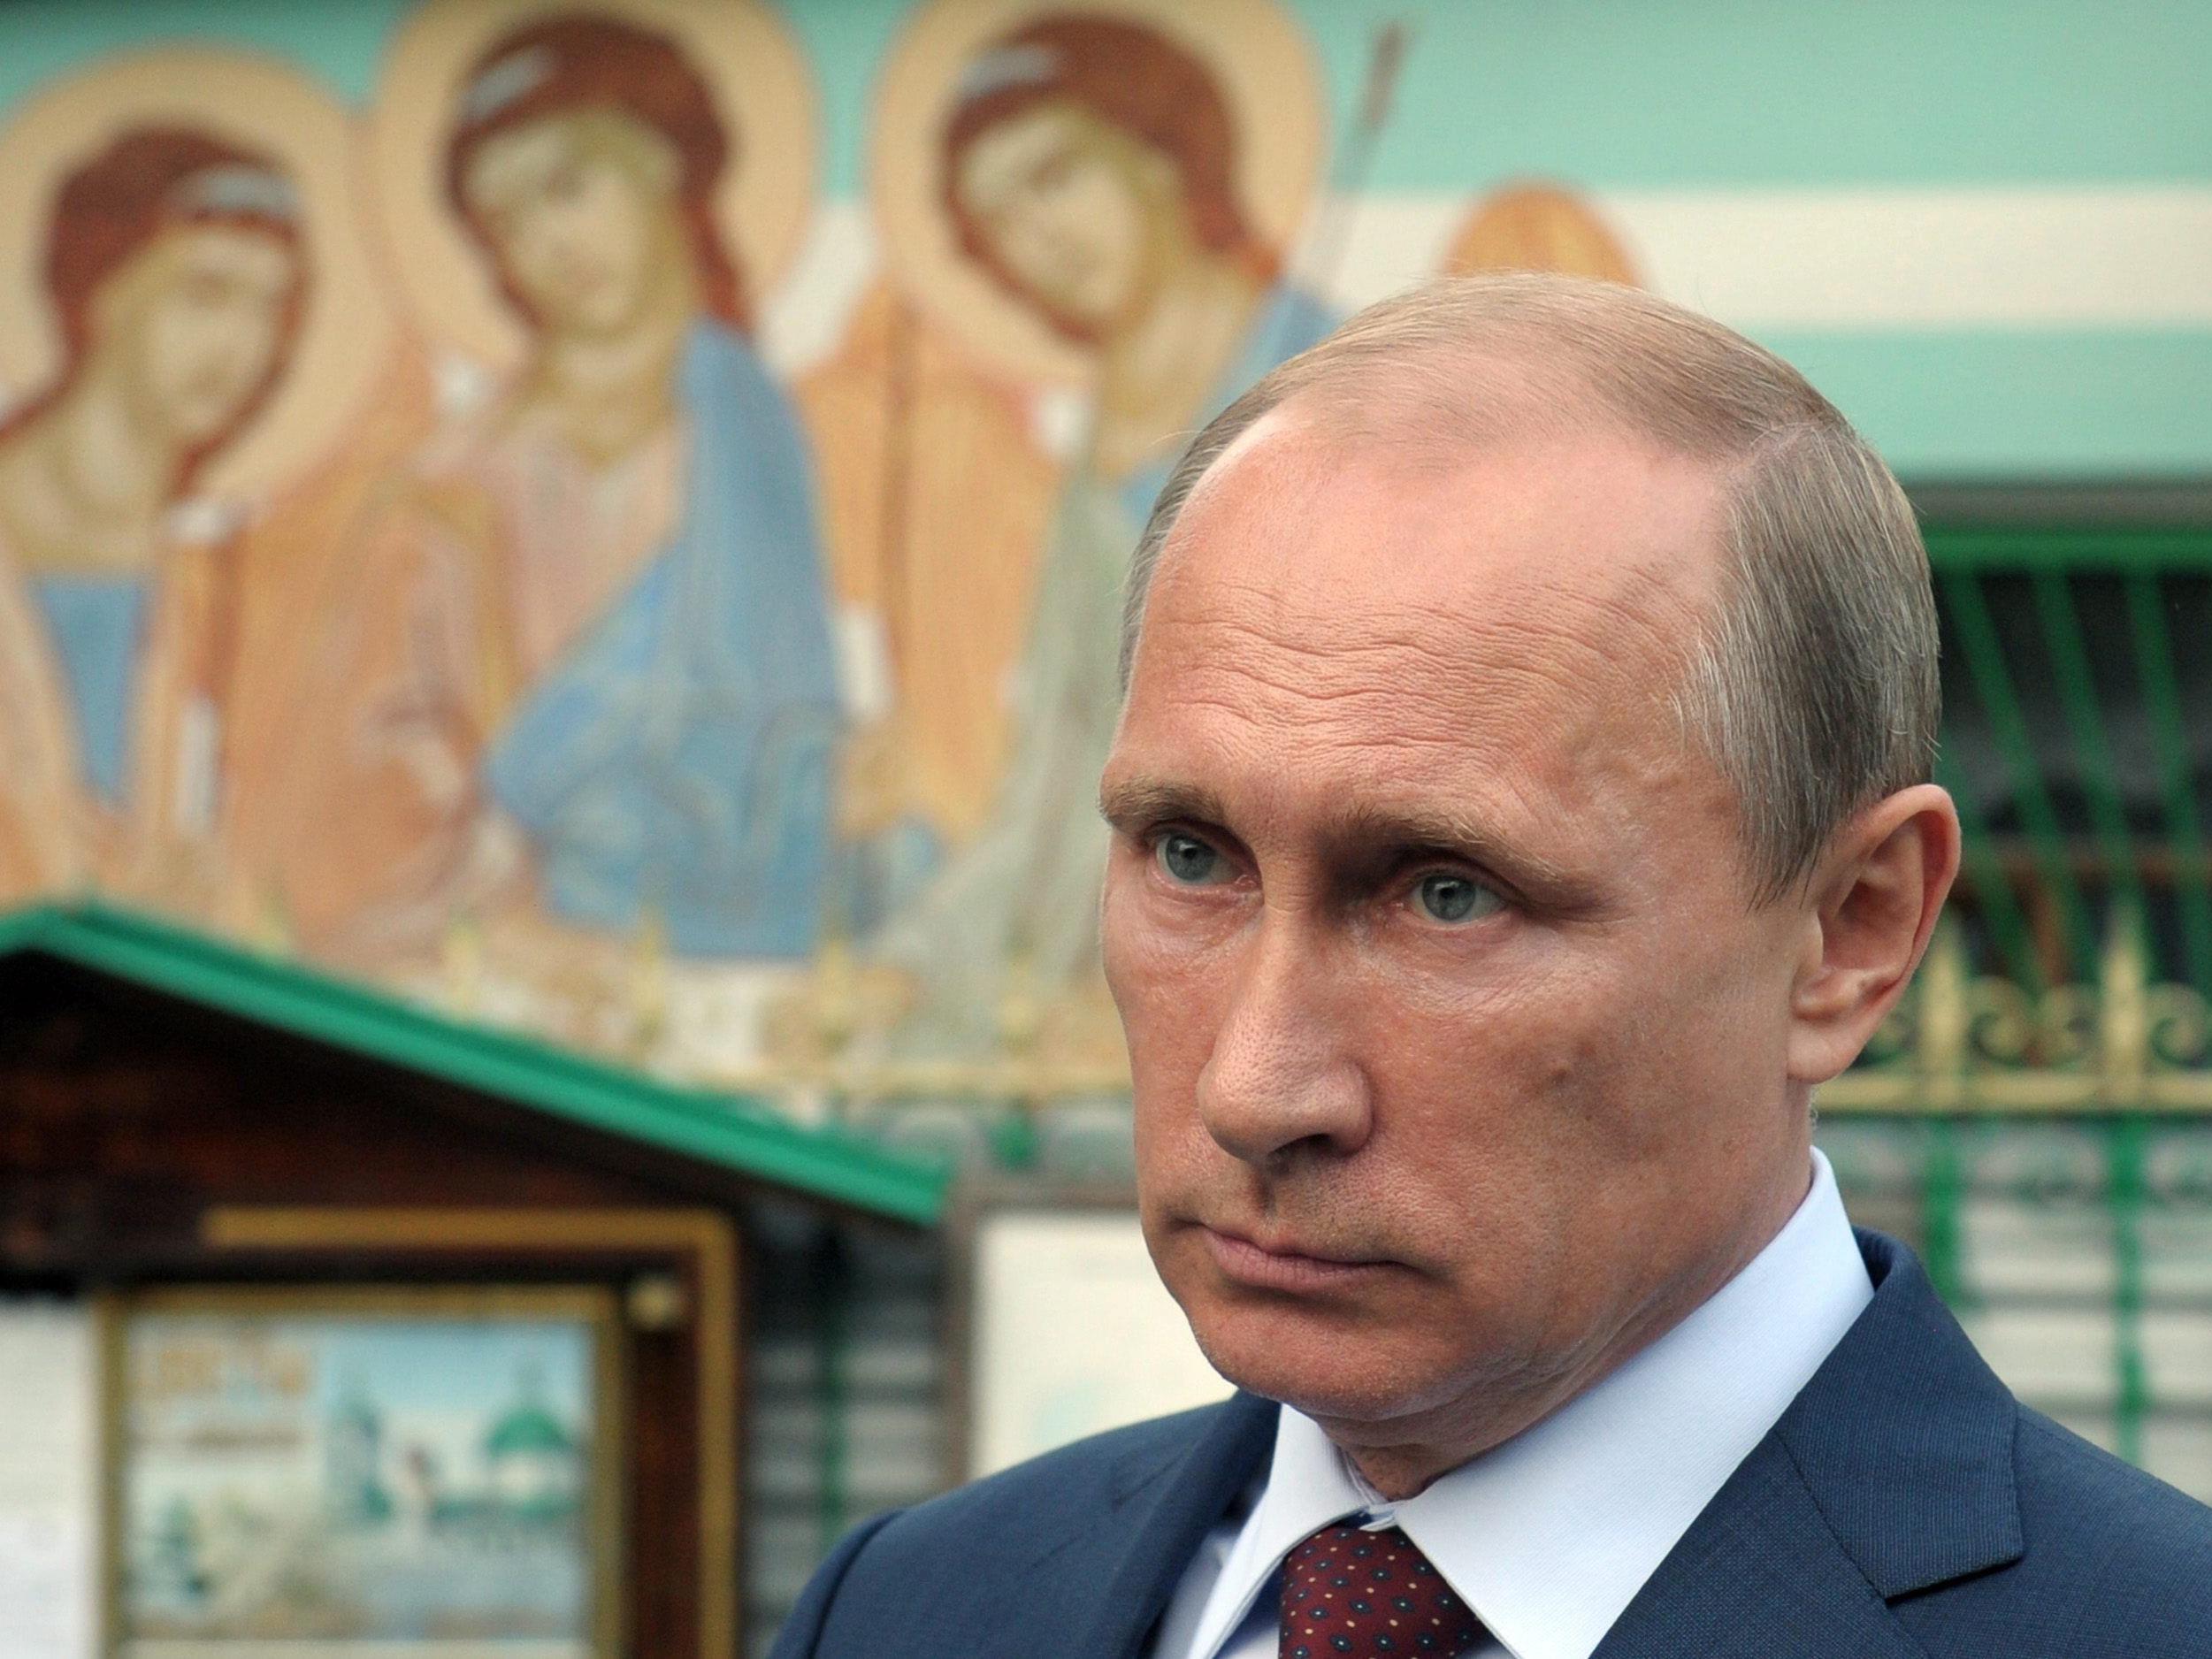 Sanktionen sollen auch russische Öl- und Energiekonzerne ins Visier nehmen.